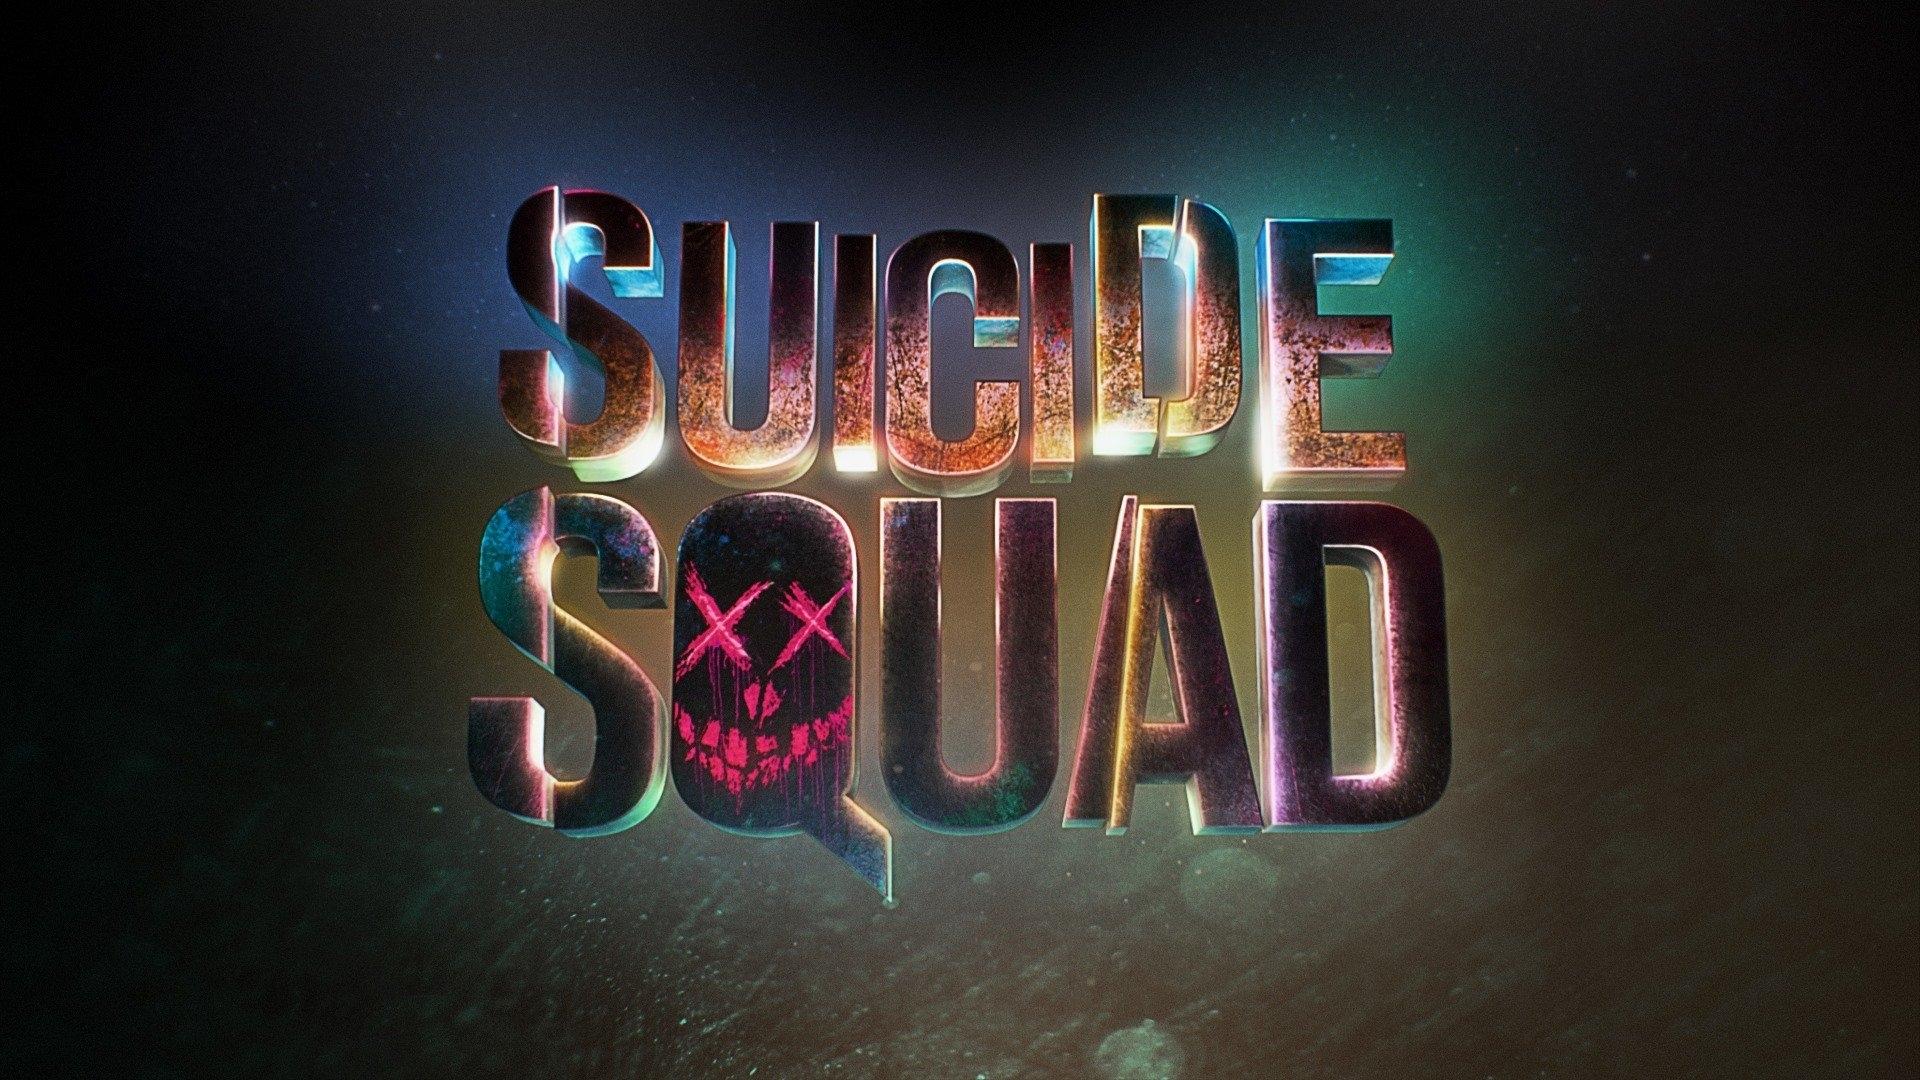 suicide squad full hd fond d'écran and arrière-plan | 1920x1080 | id